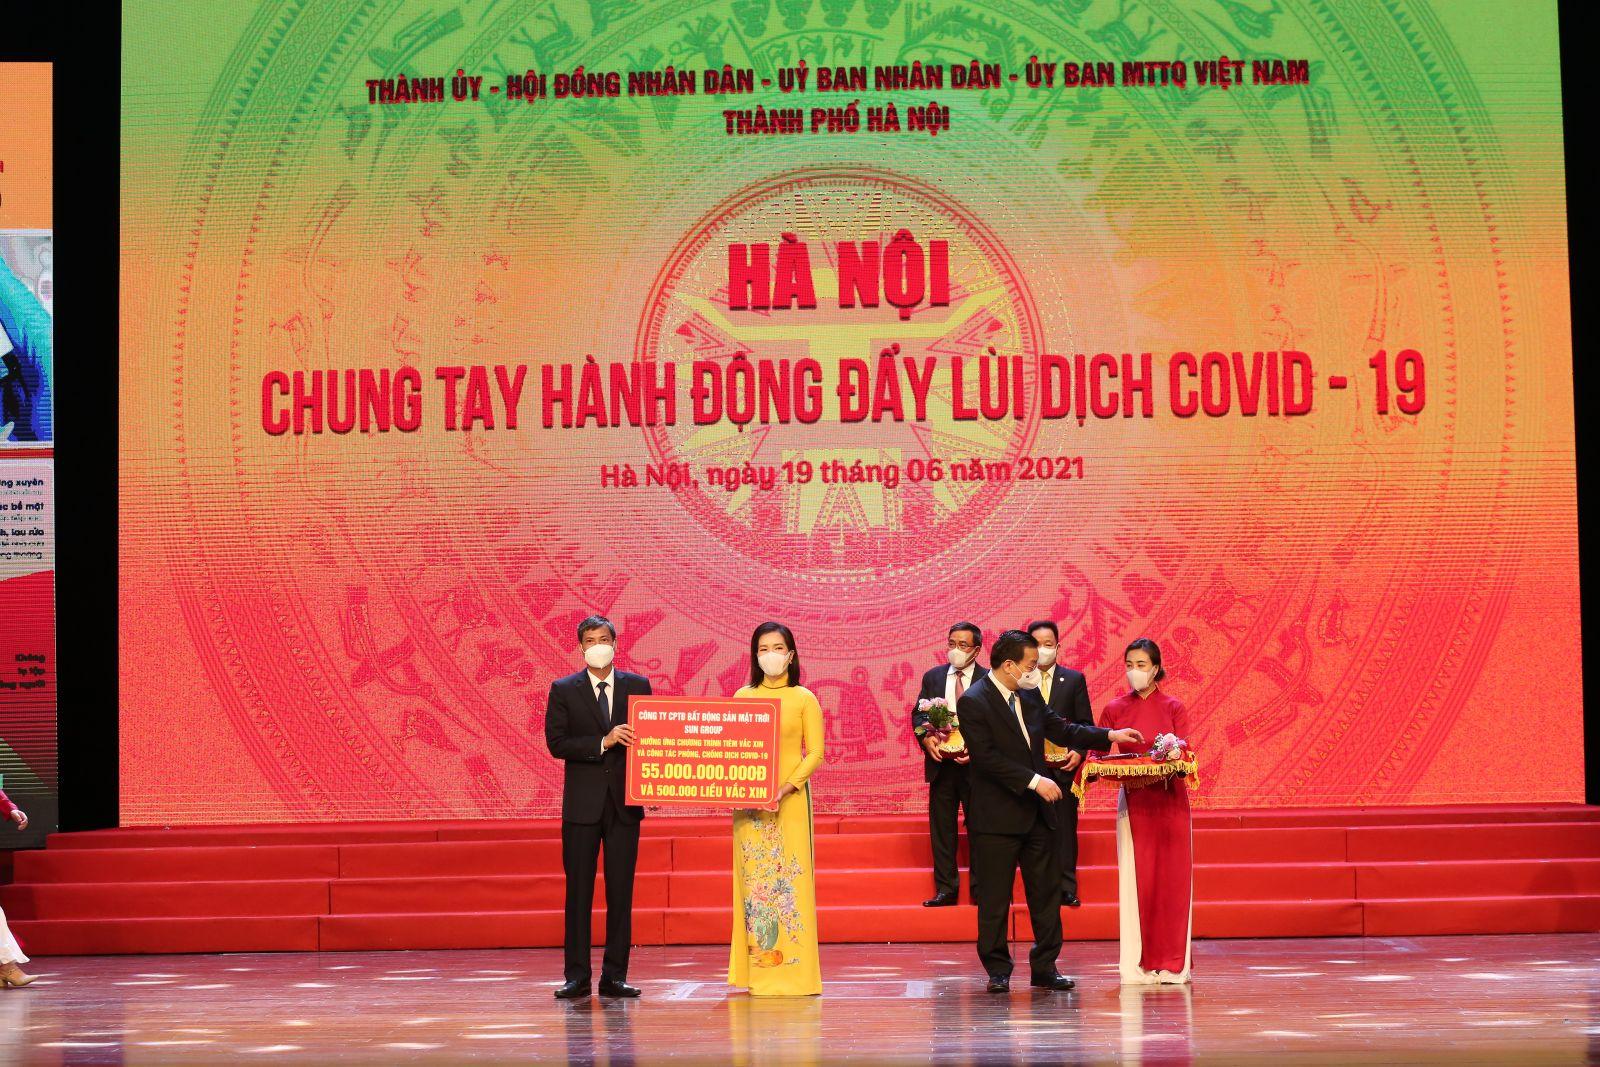 Tập đoàn Sun Group ủng hộ TP. Hà Nội 55 tỷ đồng mua vắc-xin phòng chống Covid-19